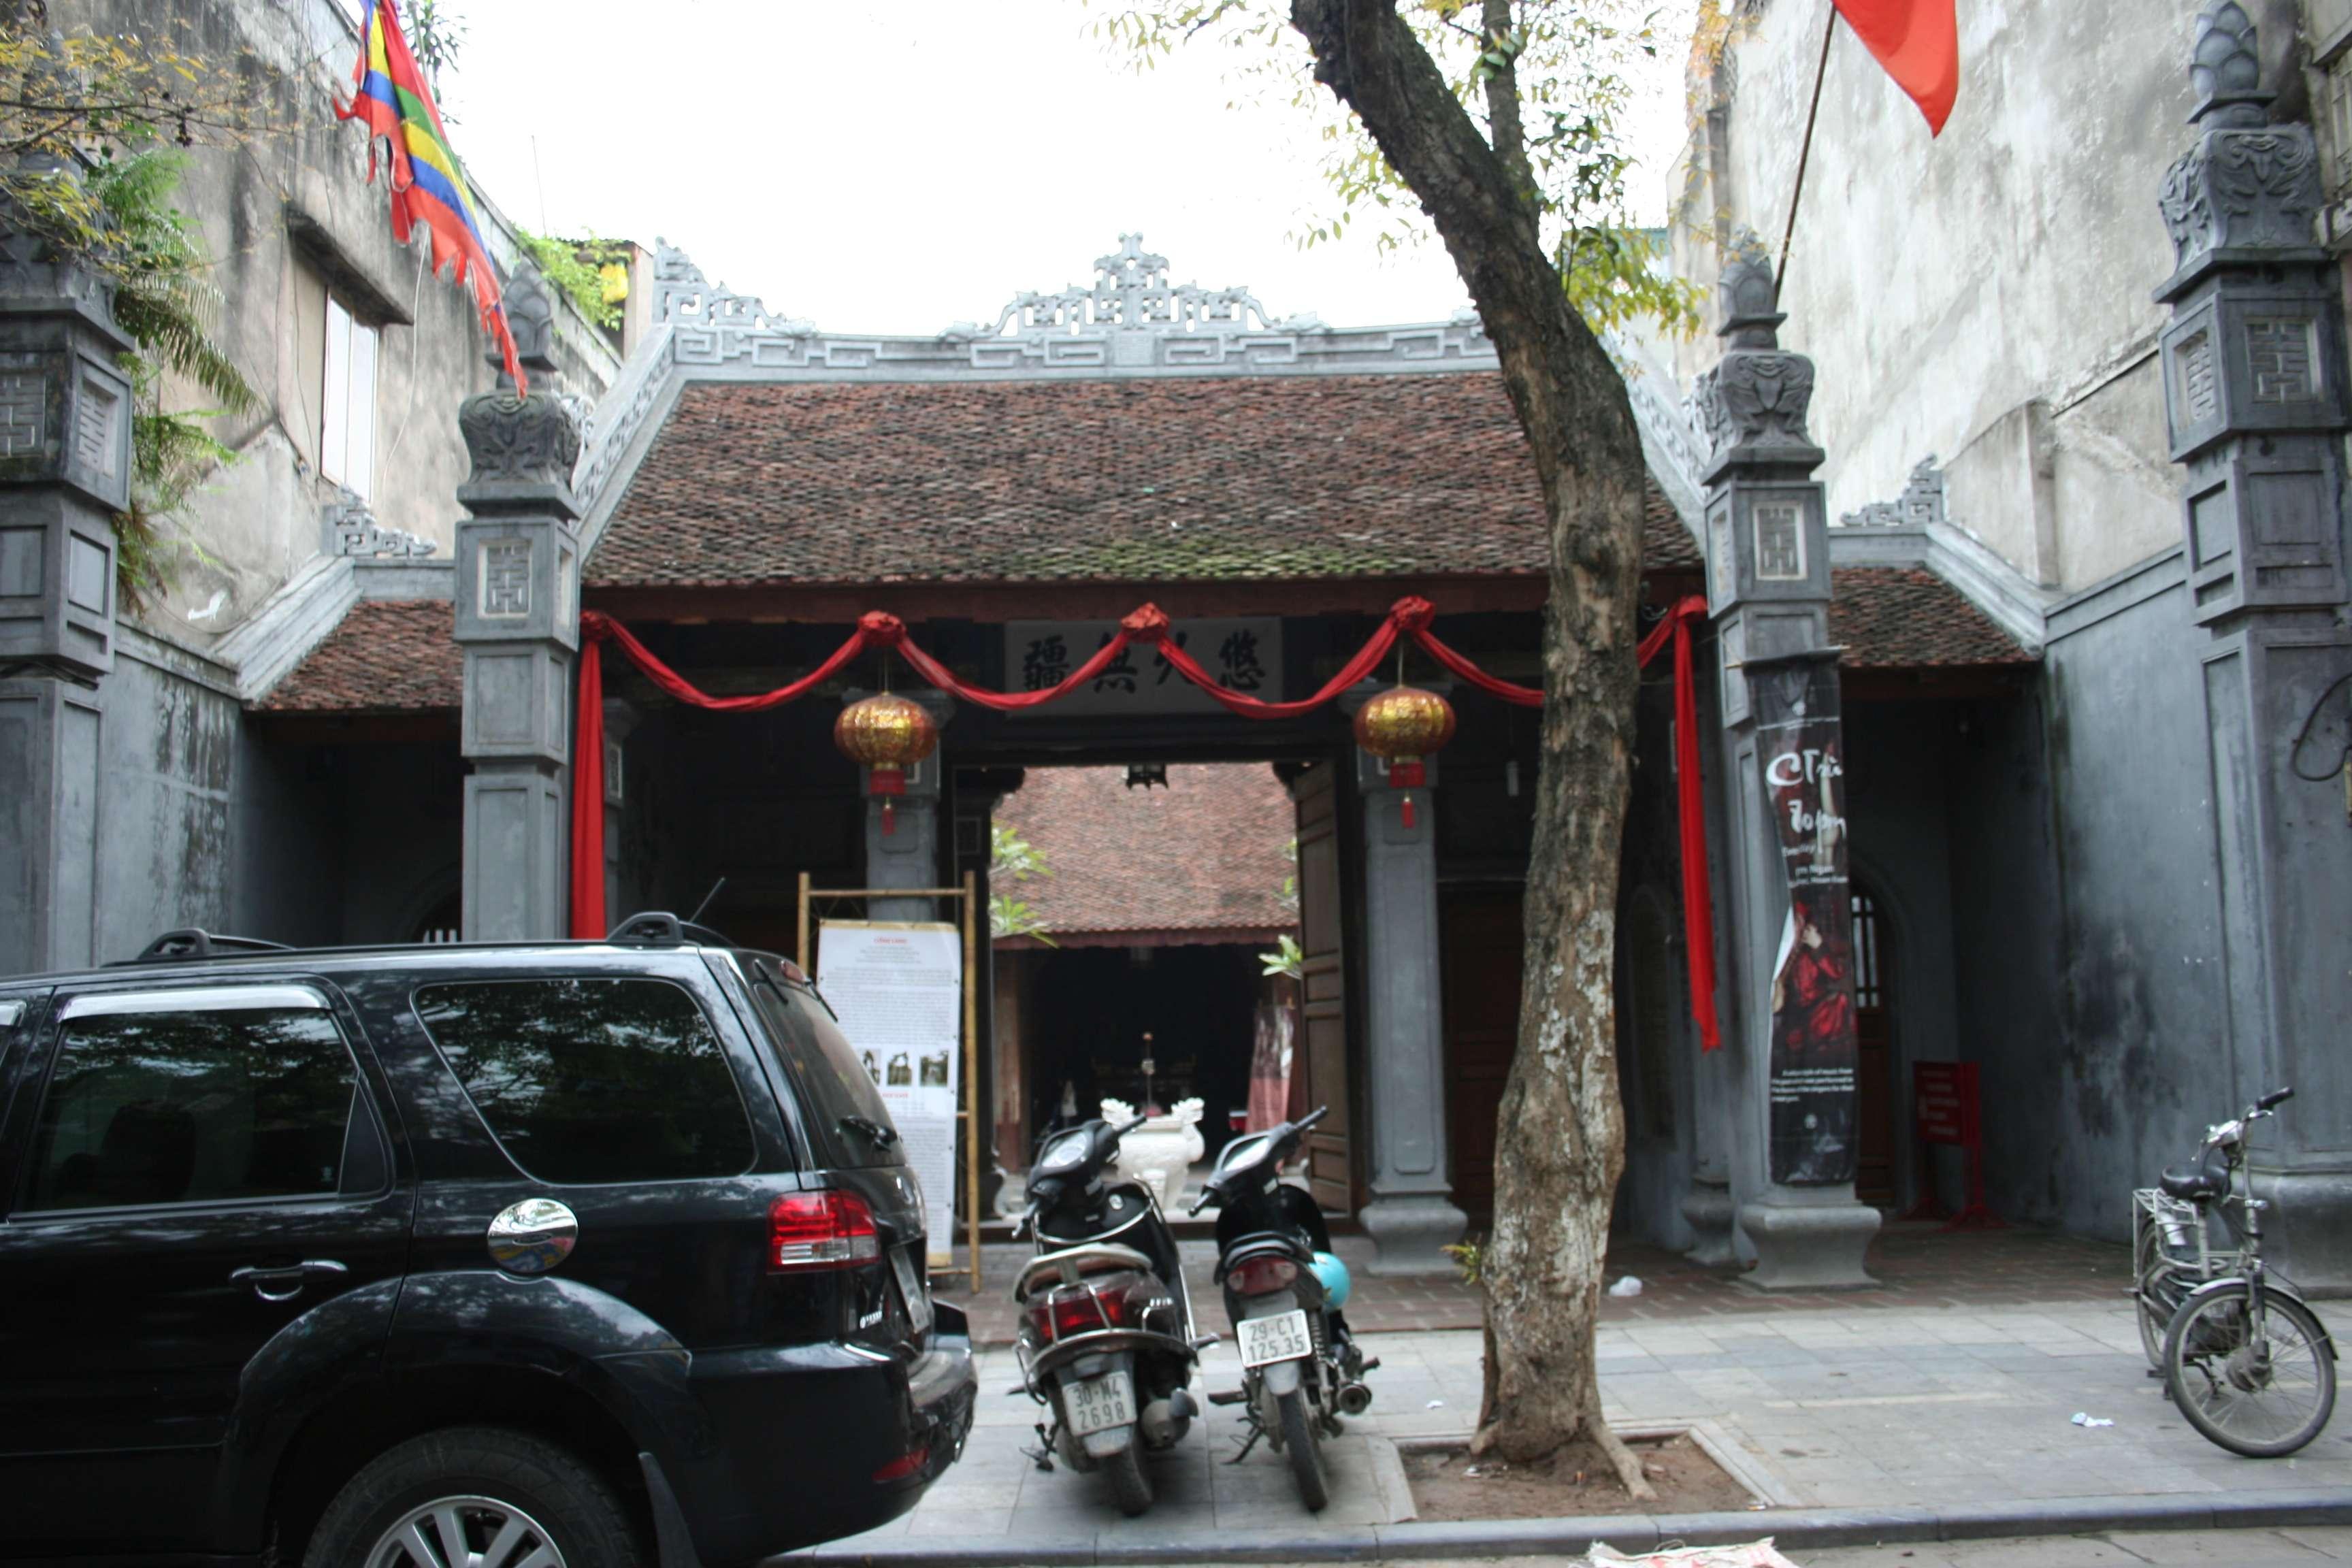 20120408_025 rue dans Hanoi